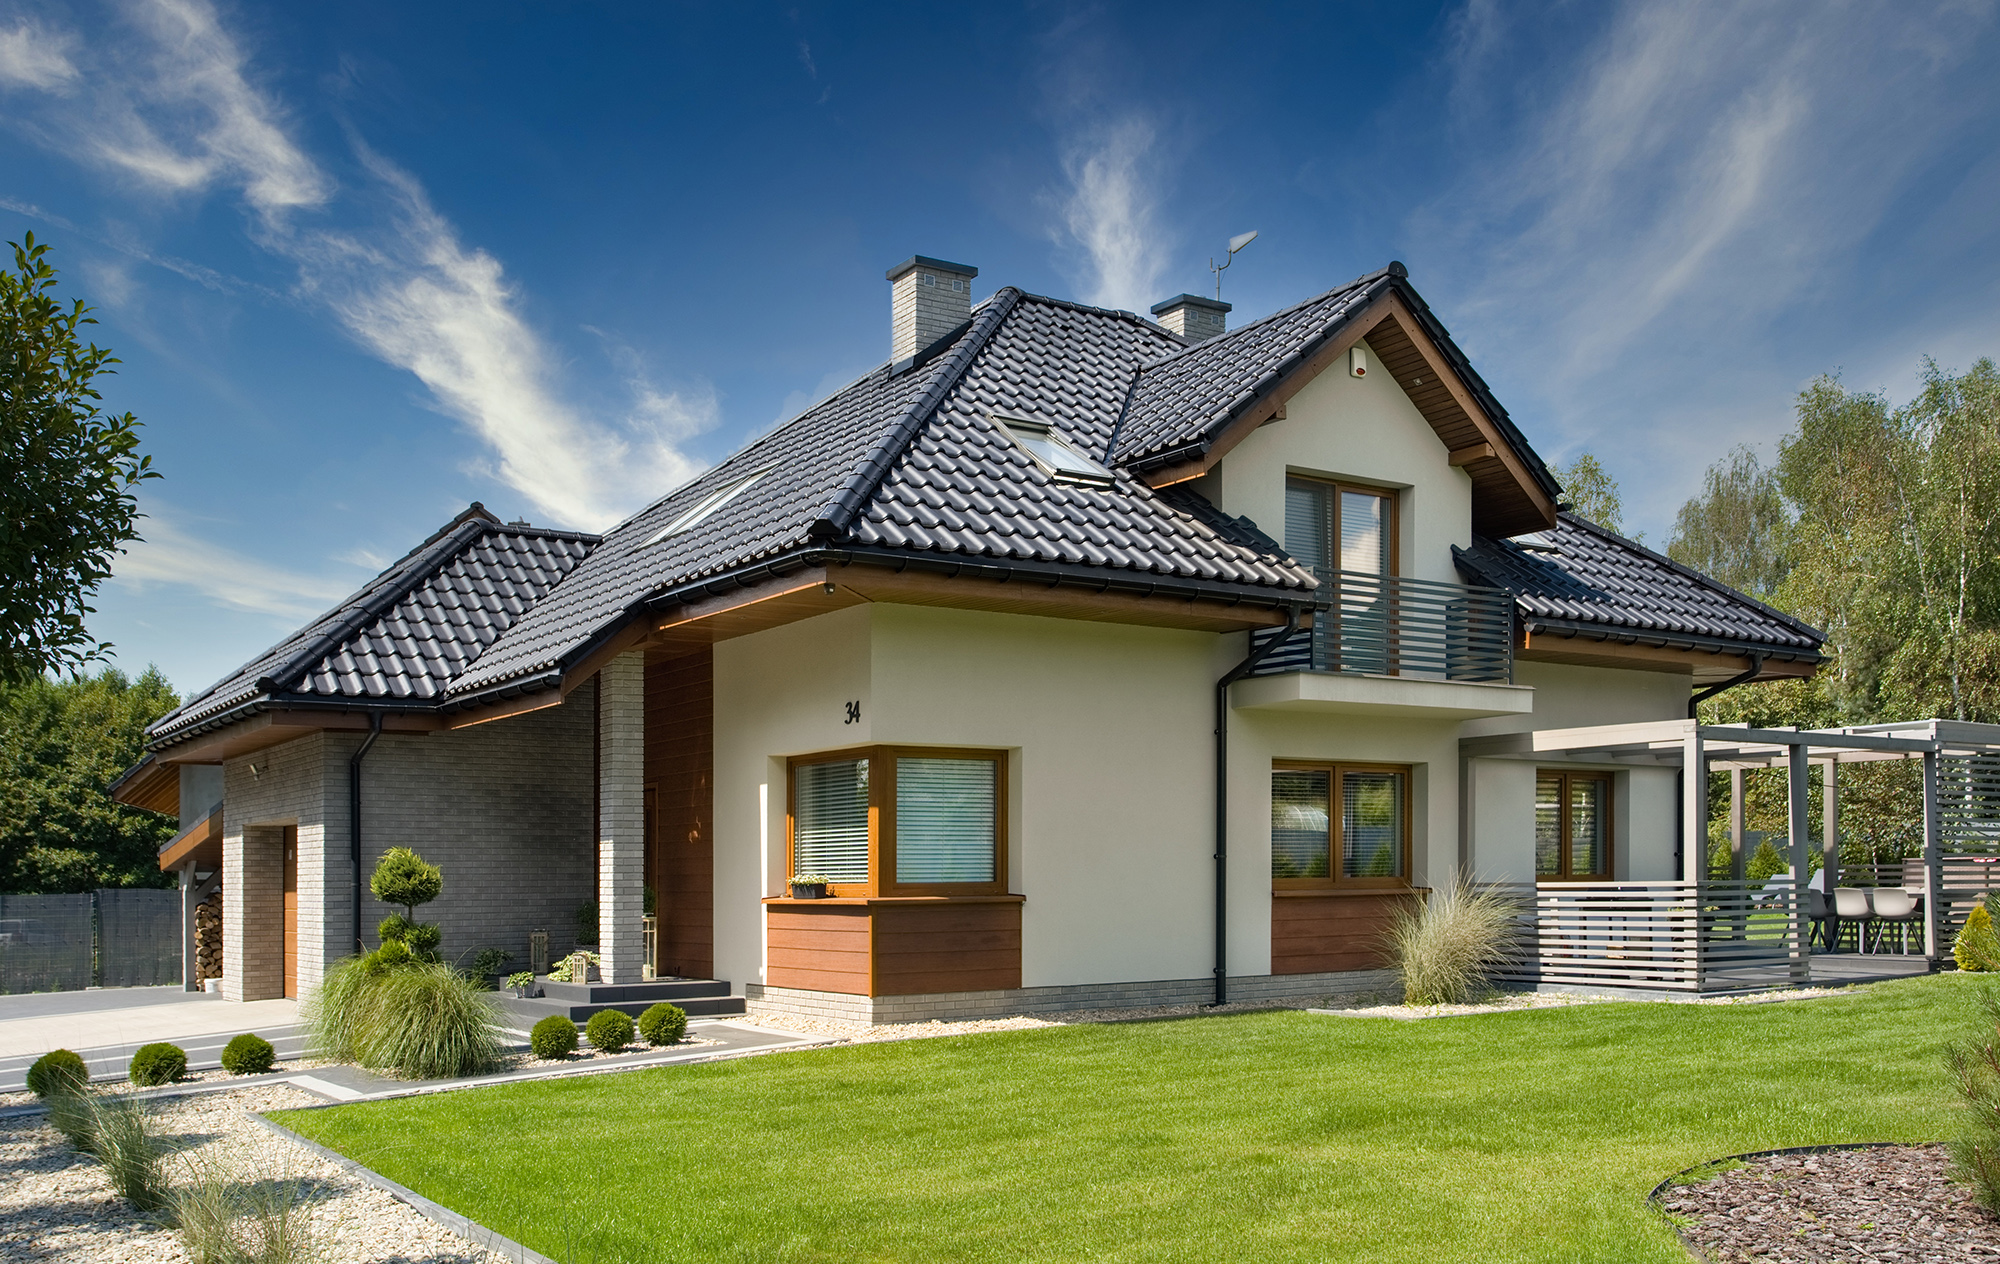 Dom w sansewieriach z dachówką TITANIA marki CREATON według projektu ARCHON+